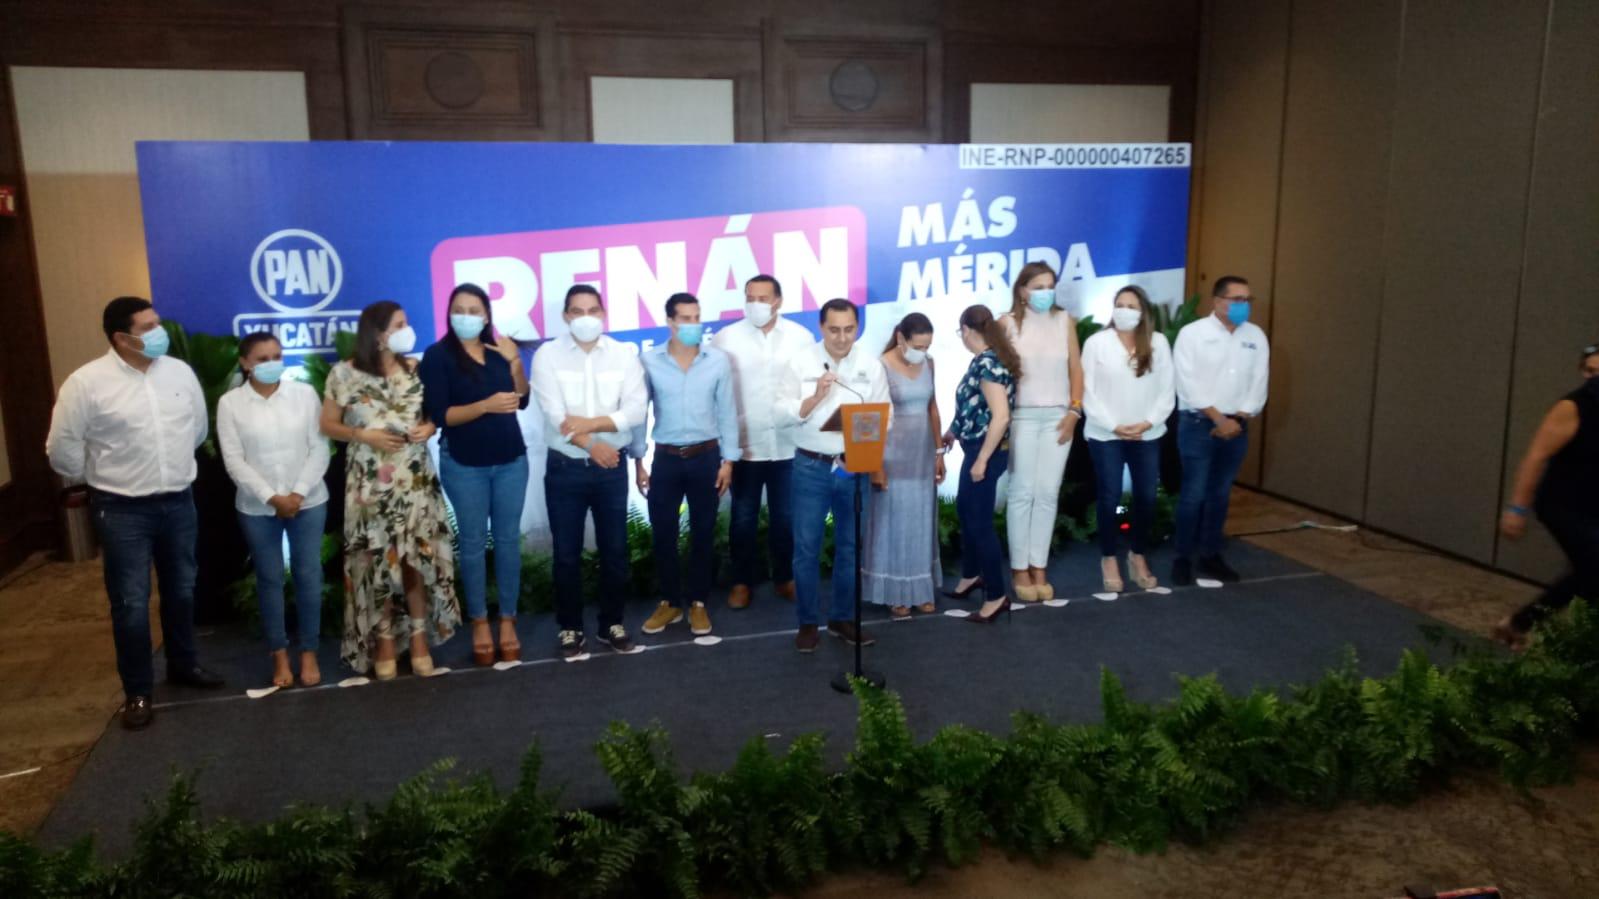 EDITORIAL: SOSPECHOSO SILENCIO DE PARTIDOS MEGA FRAUDE ELECTORAL